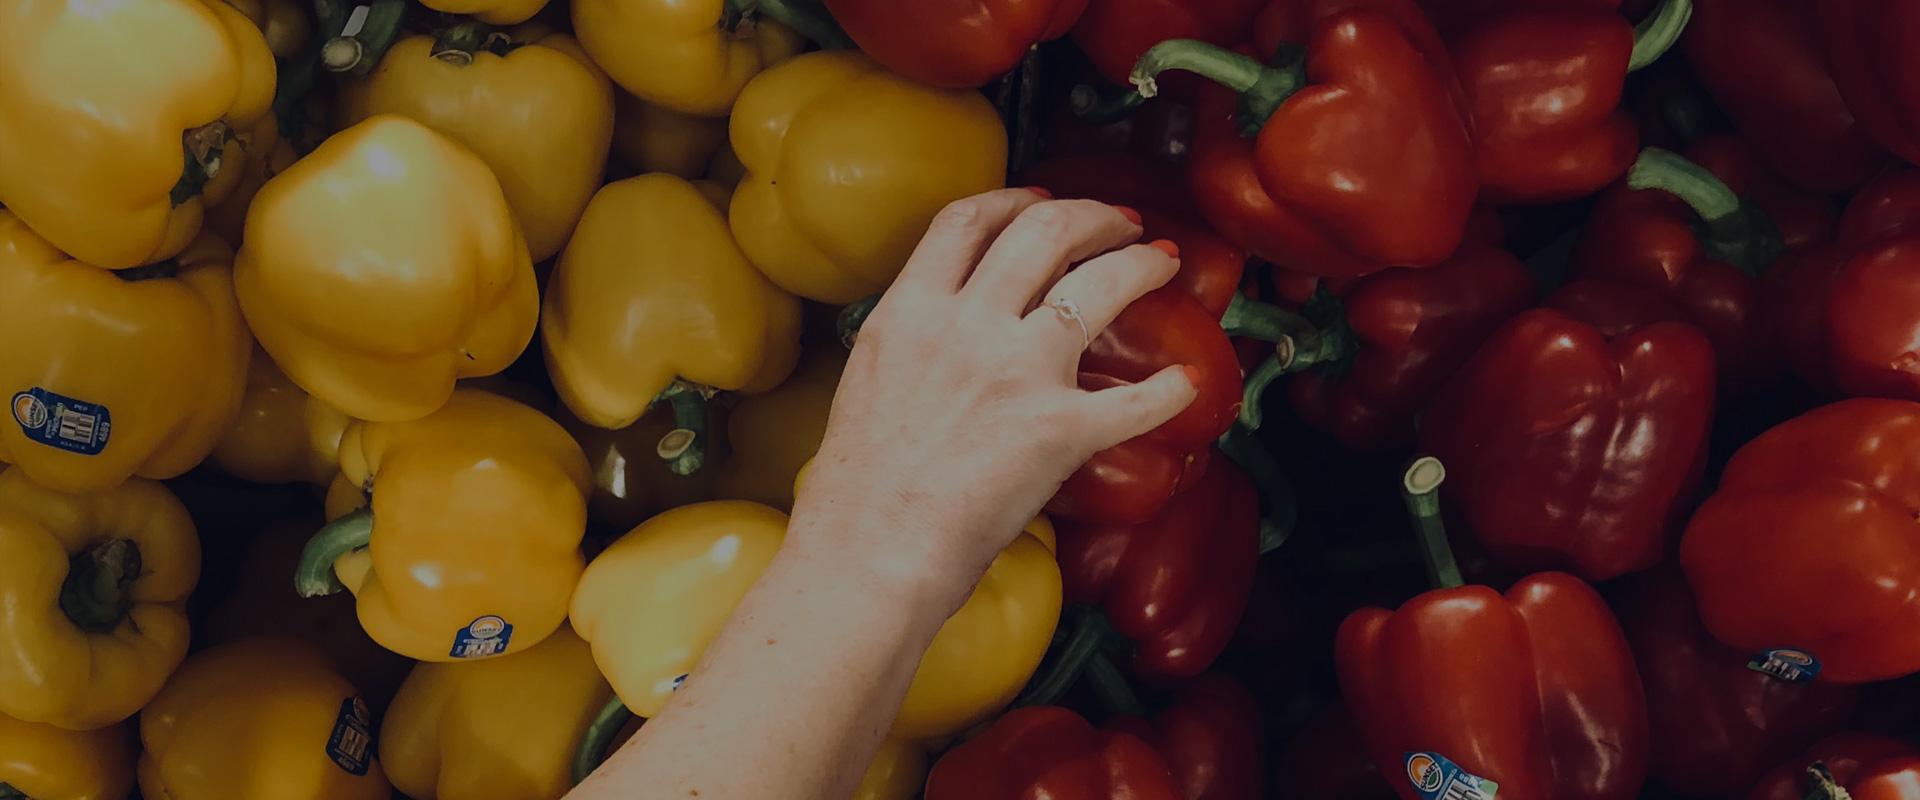 Hand grabbing groceries